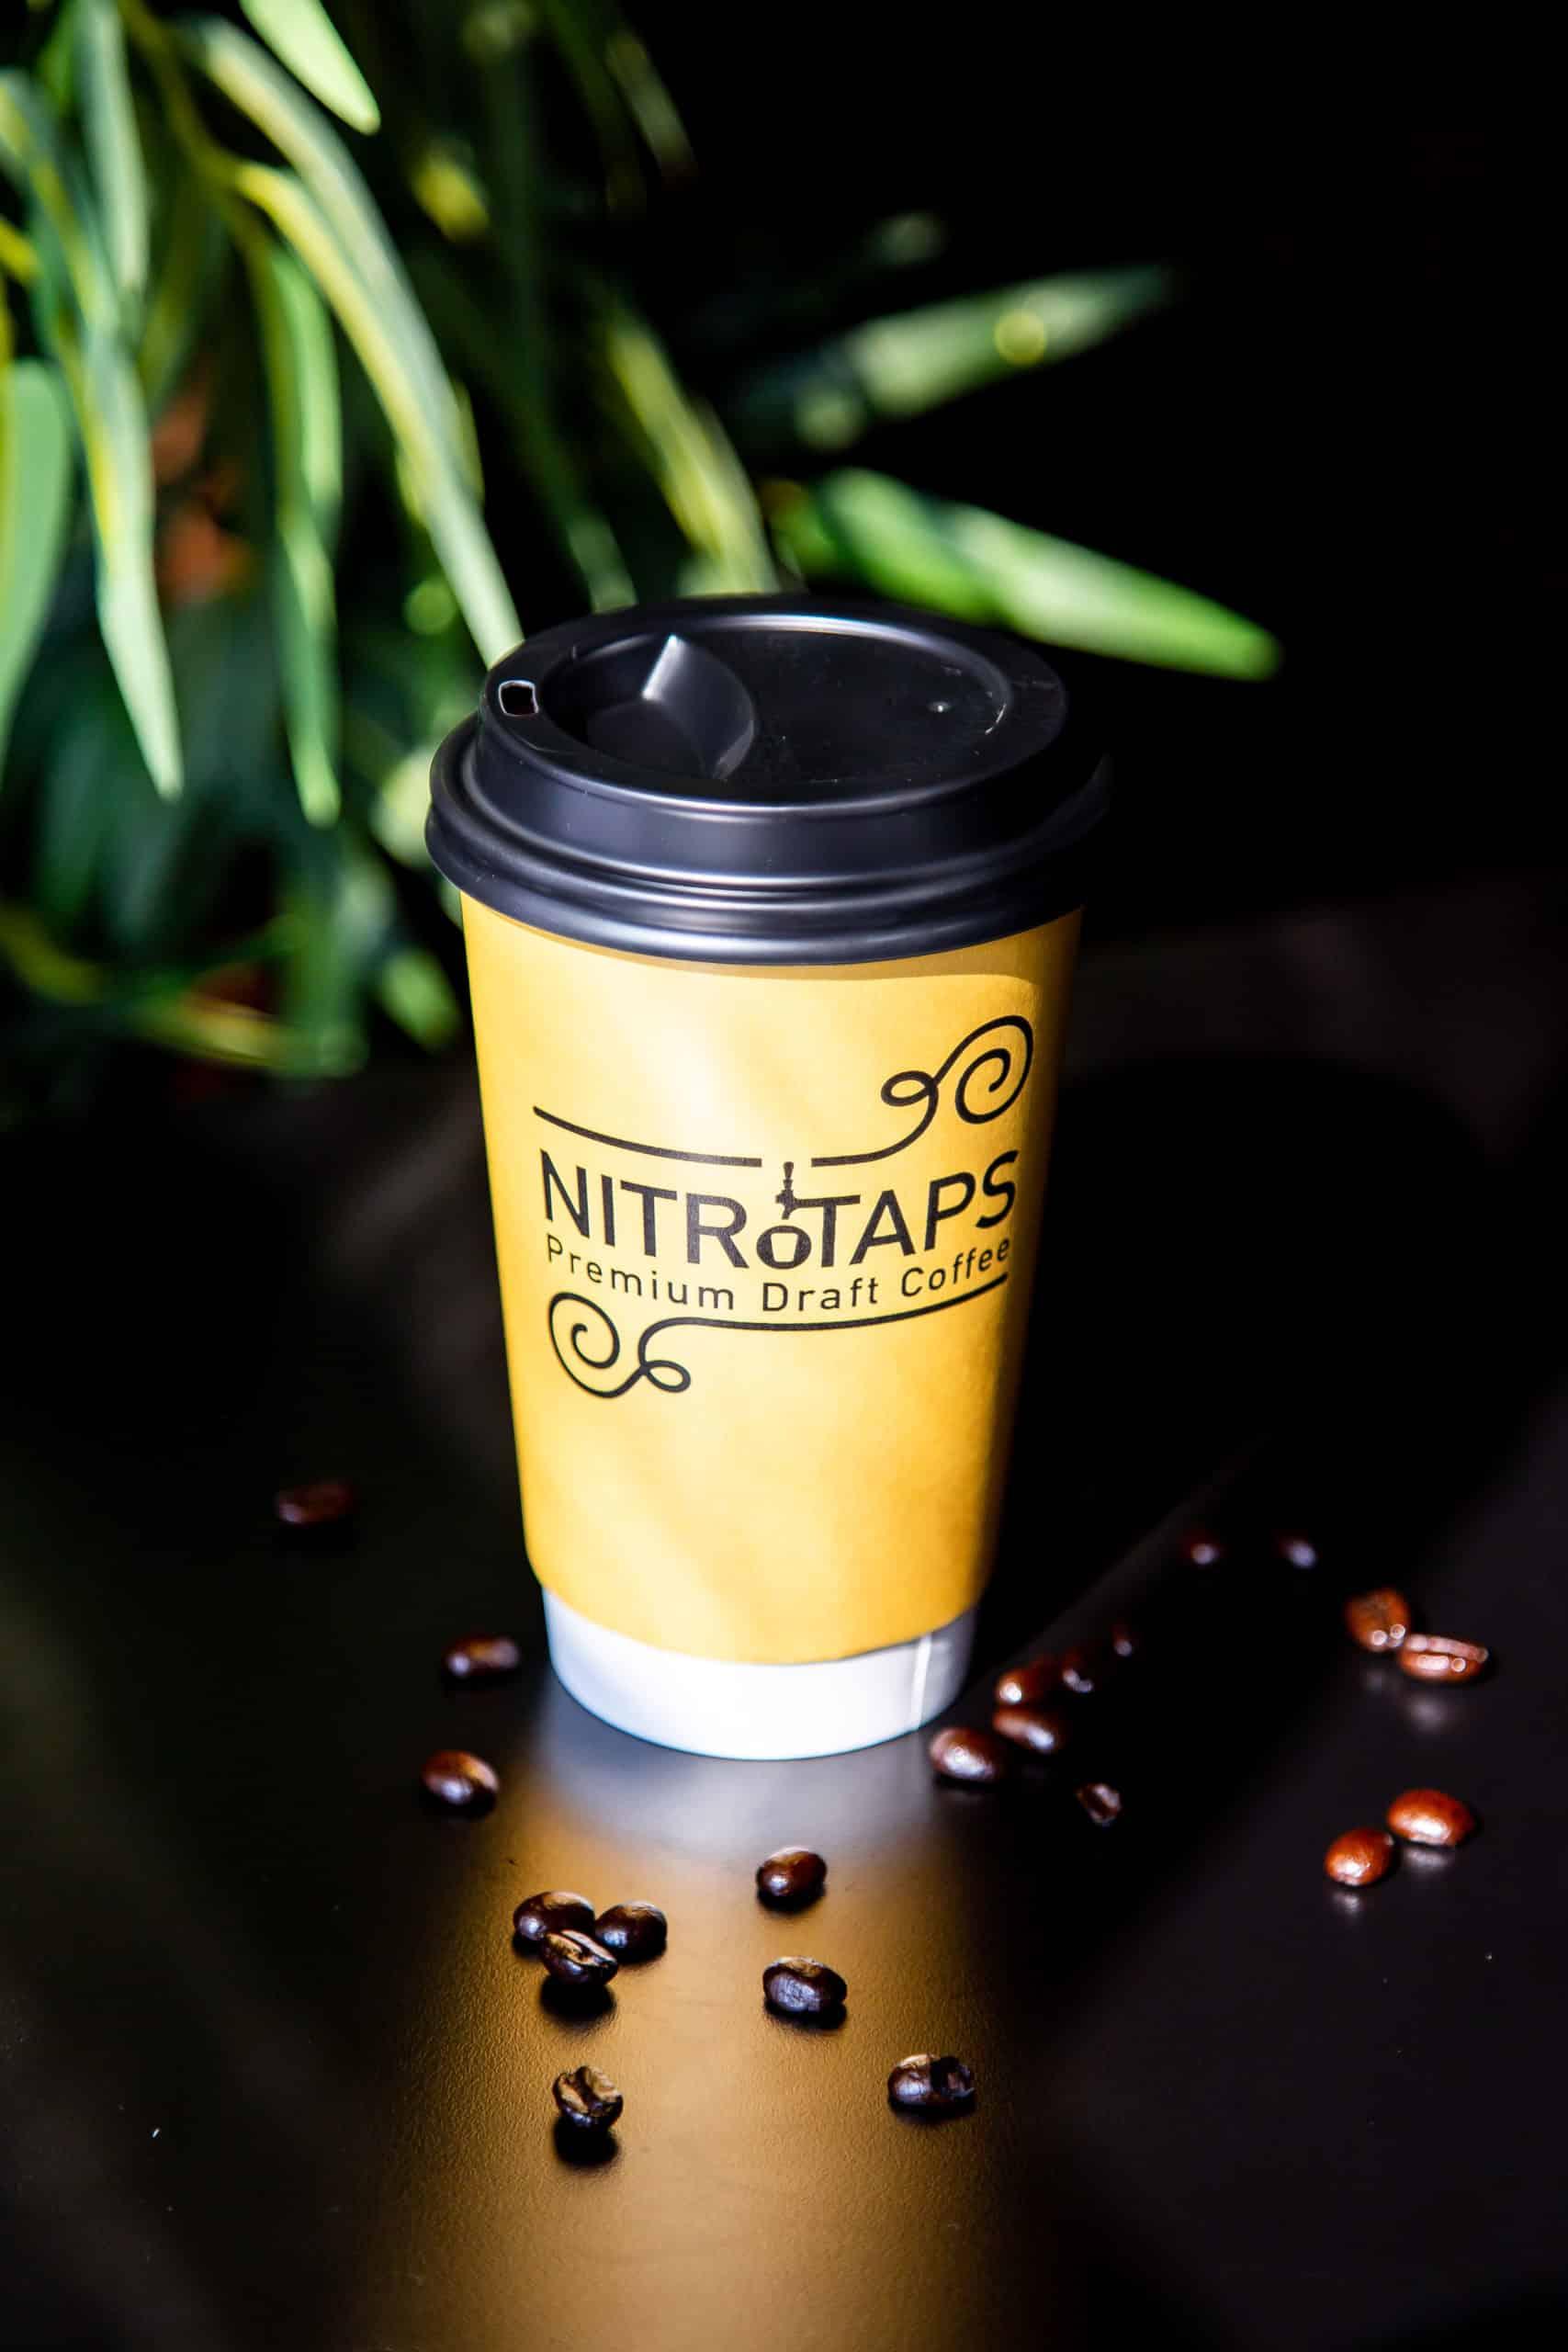 NitroTaps Hot Nitro